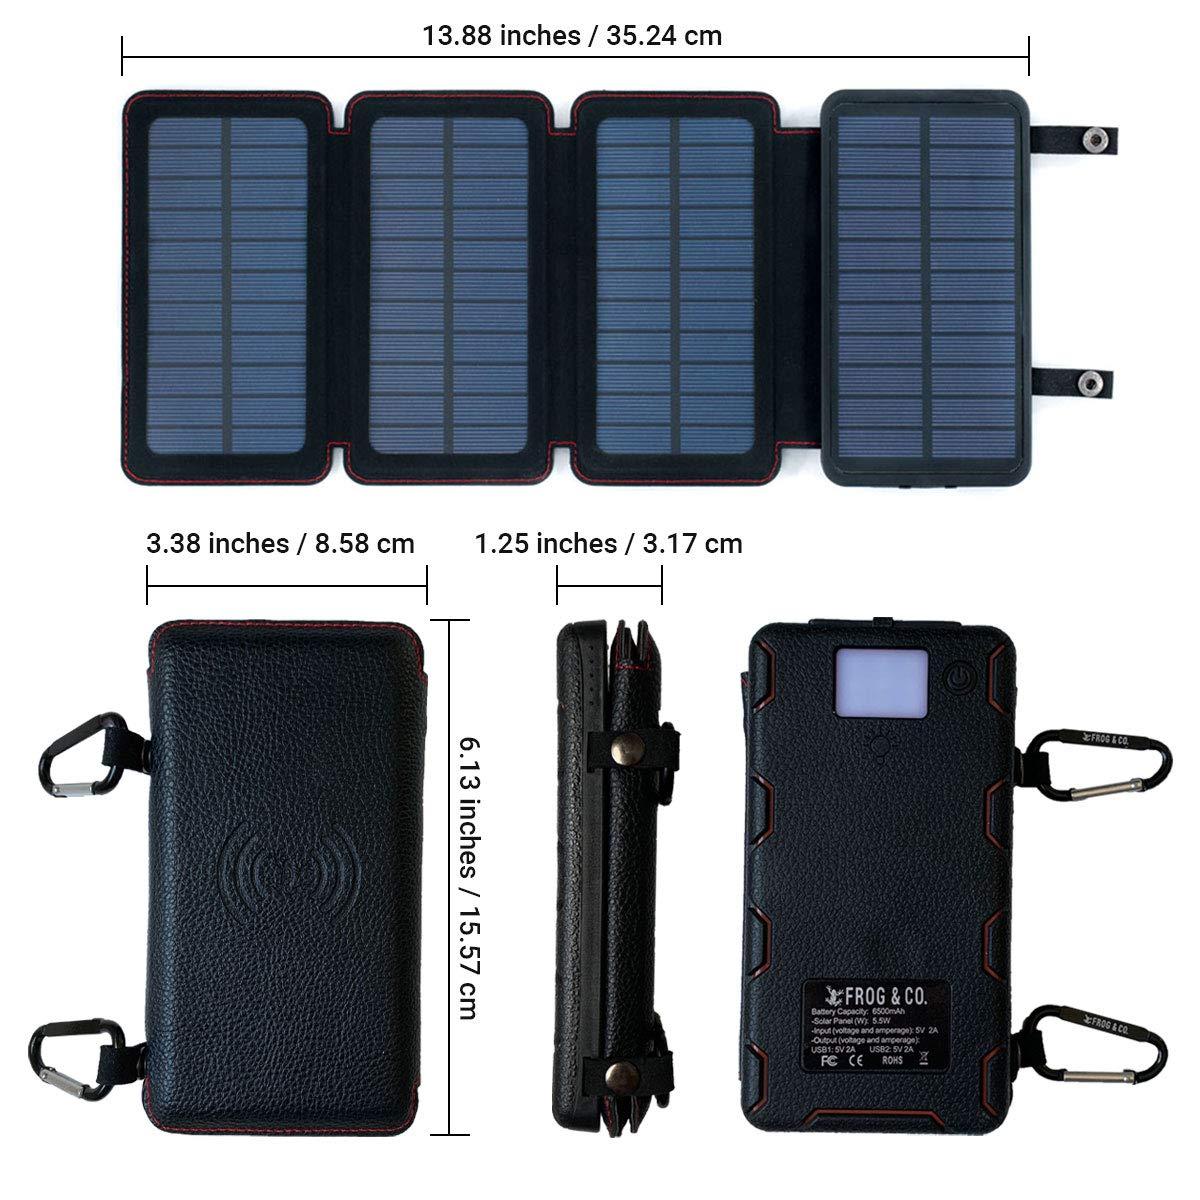 Amazon.com: QuadraPro - Cargador de teléfono móvil solar de ...